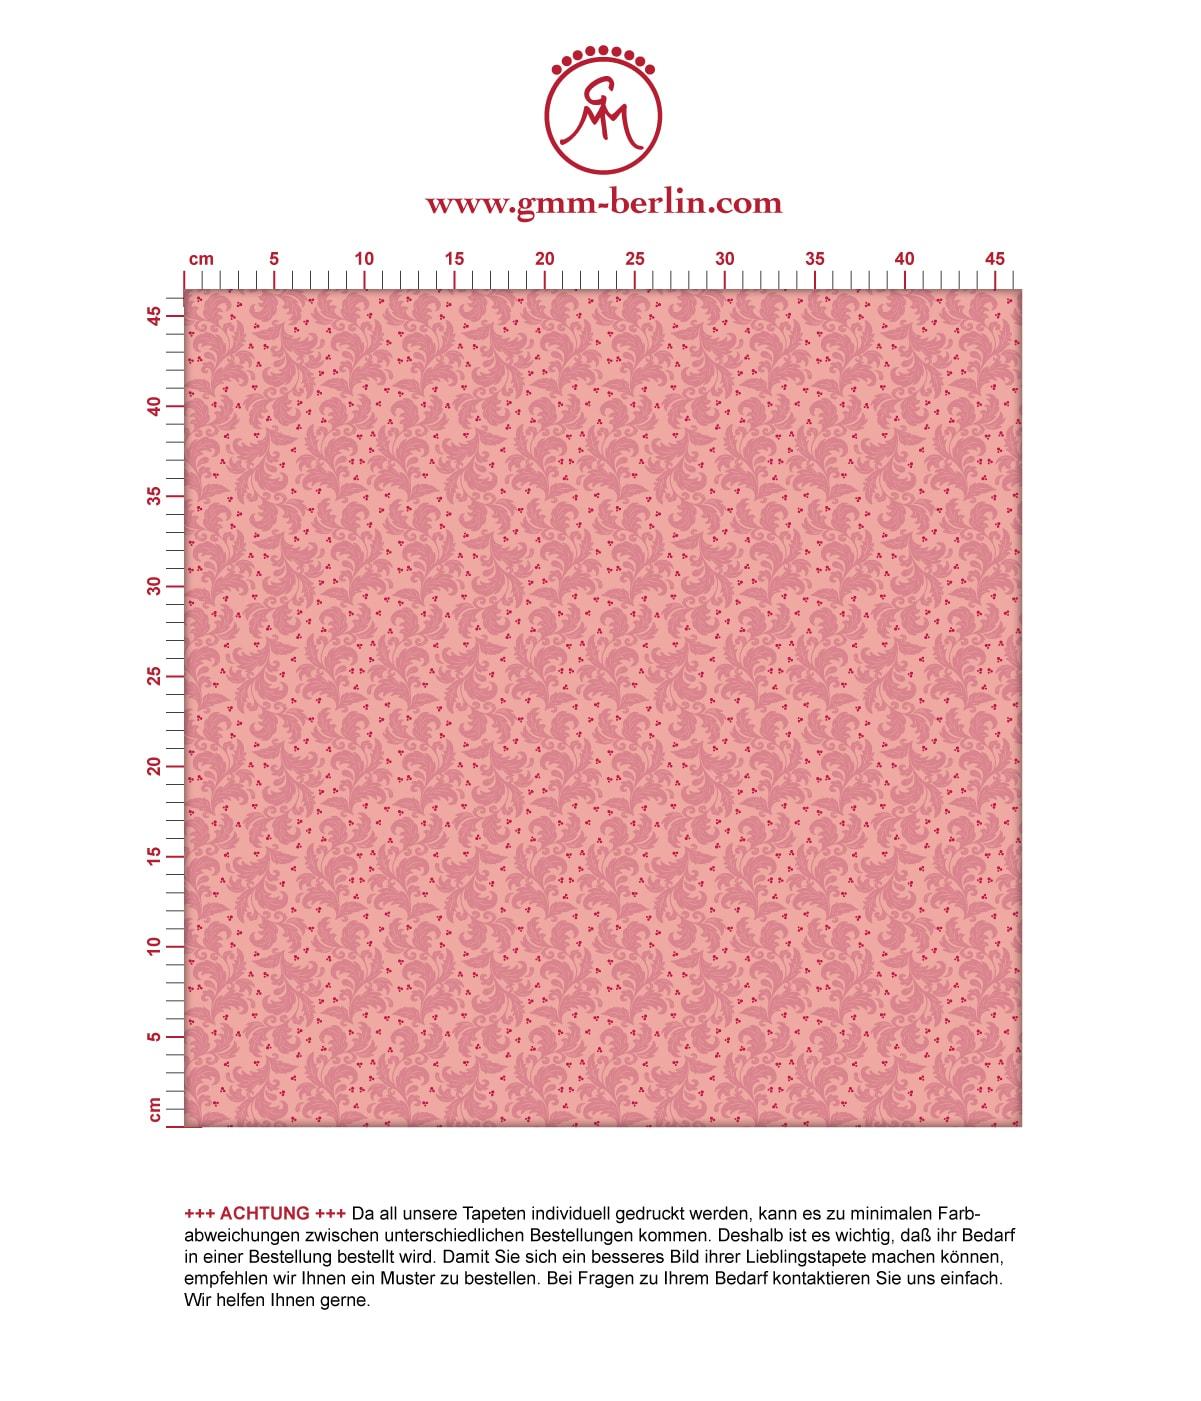 Rosa Nostalgie Ornamenttapete Ranken mit Blatt Muster, Vlies Tapete Ornamente für Ihr Zuhause 3